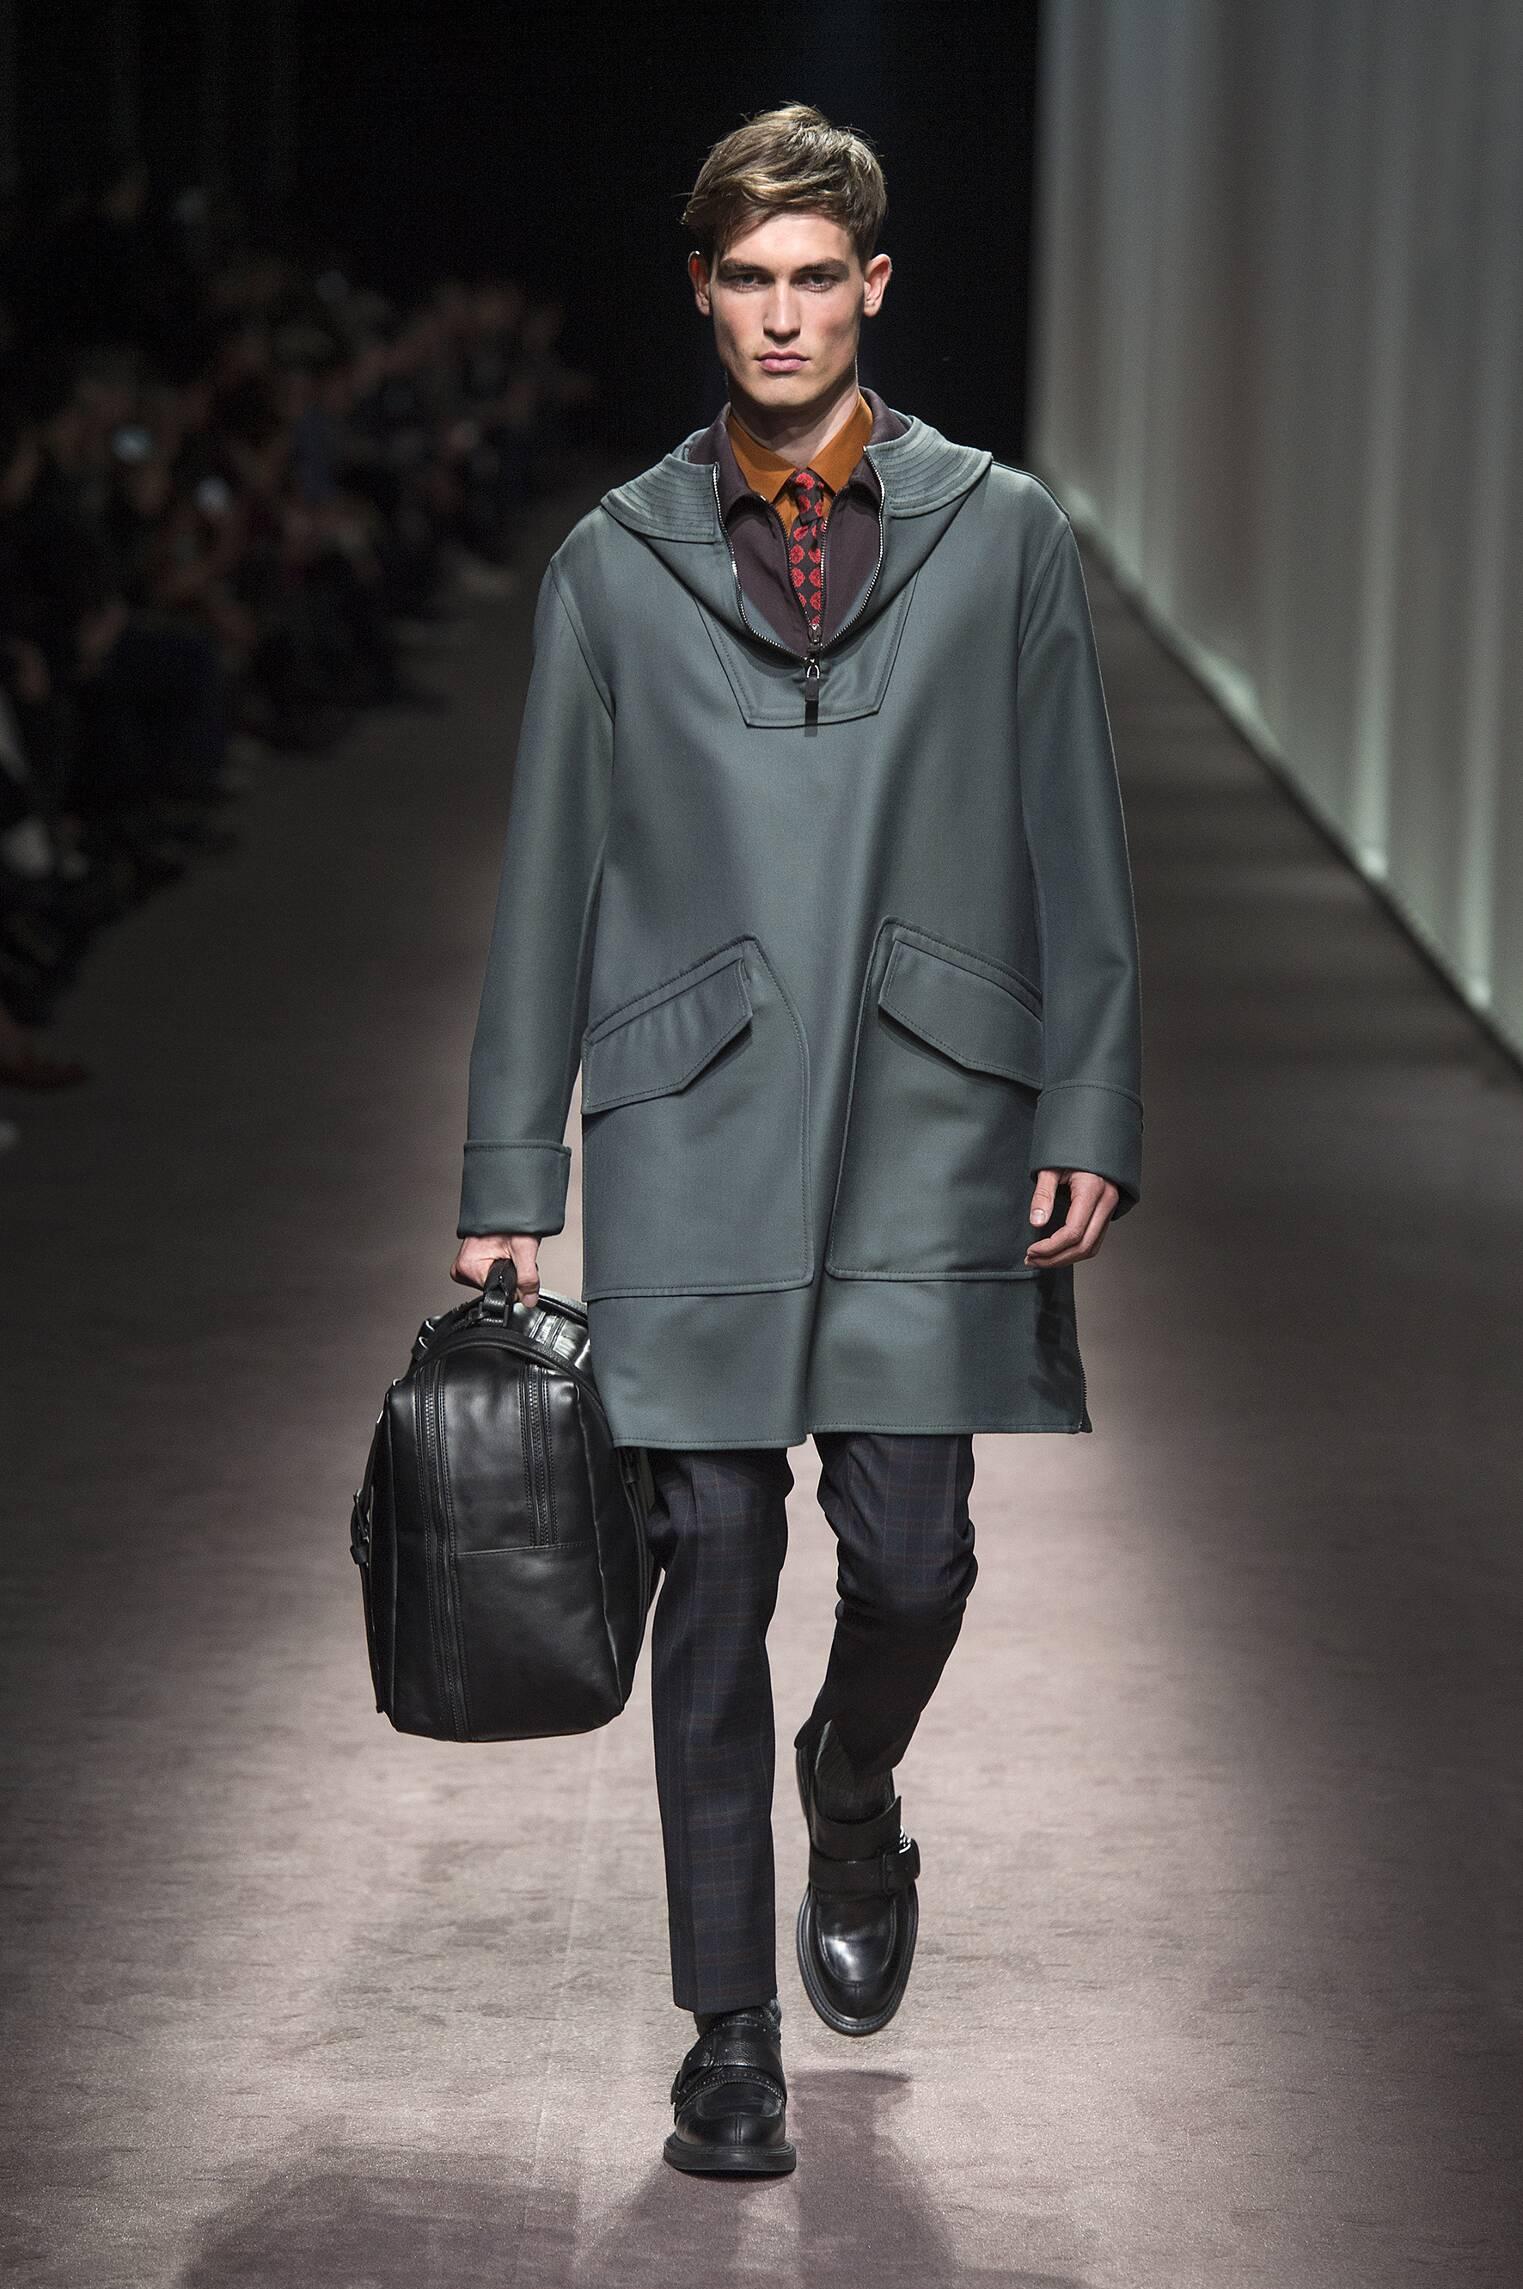 Fall Fashion 2016 Canali